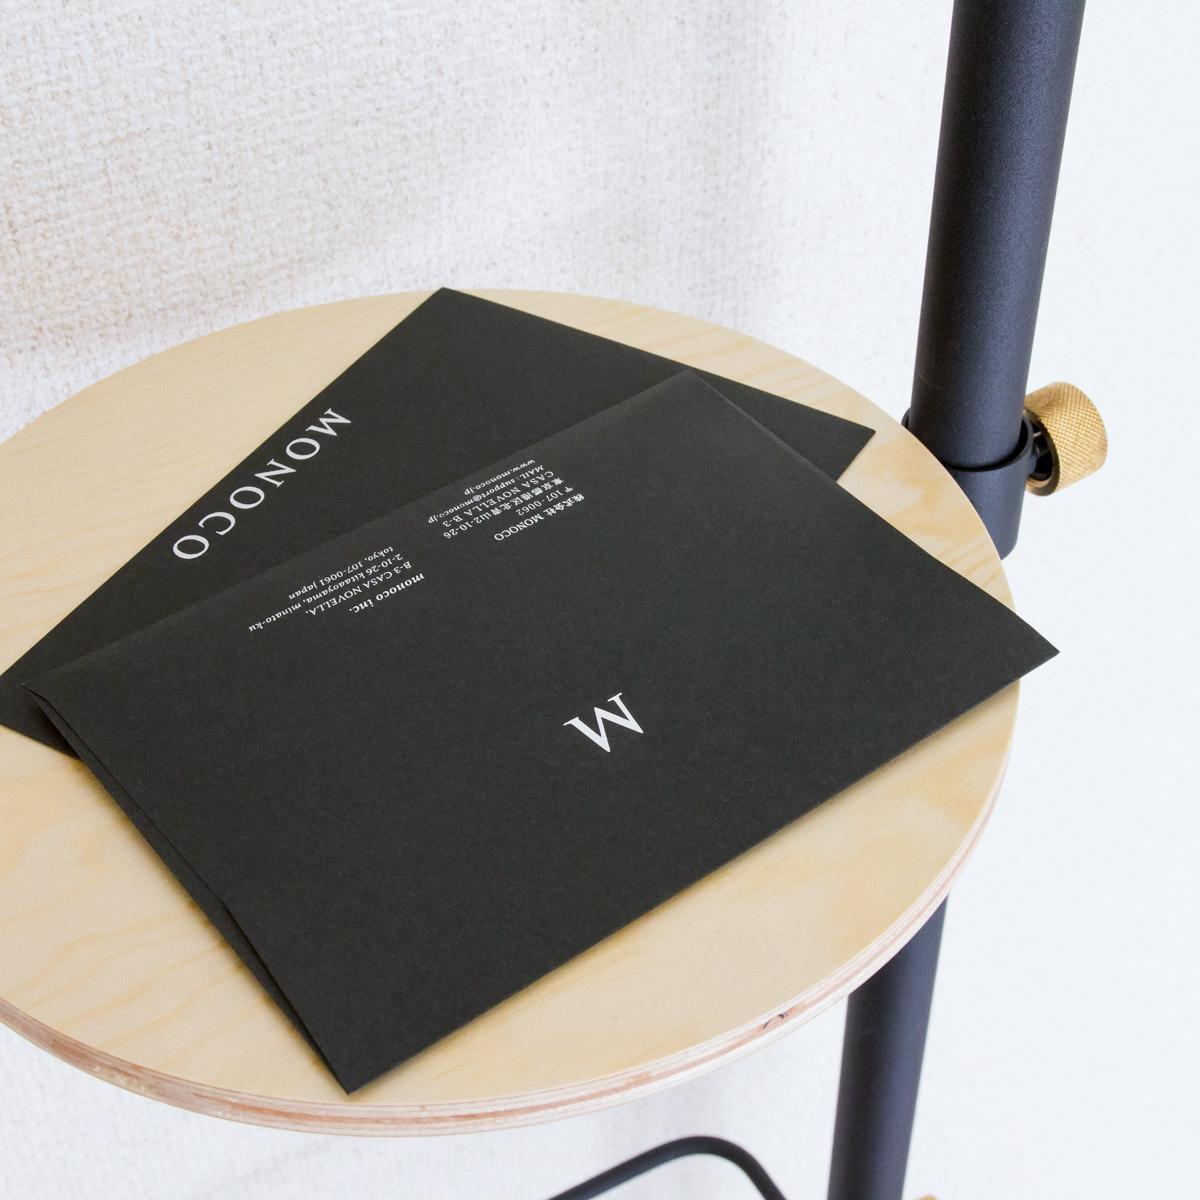 ポール大|1本の線(ライン)に、鍵もバッグも指定席ができる「つっぱり棒」|DRAW A LINE